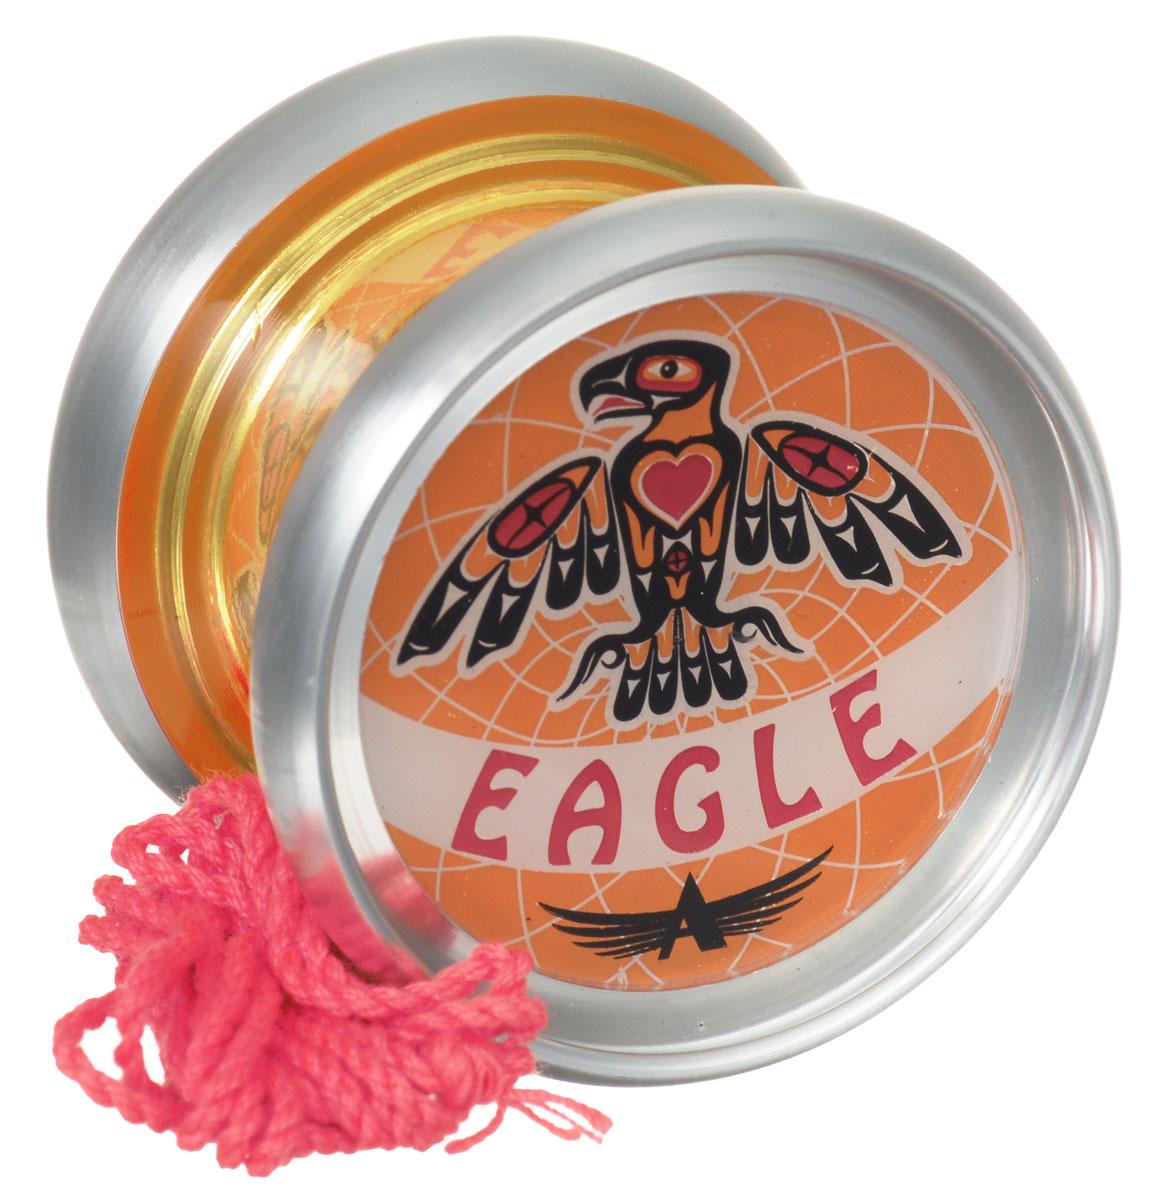 Aero-Yo Йо-йо Aero Eagle цвет серебристый оранжевый732020Йо-йо Aero Eagle является флагманом в линейке Composite Line, от российского топ-производителя Aero Yo. Так как модель относится к линейке композитных йо-йо, то соответственно и изготовлена из металлических и пластиковых элементов. Так же Eagle приобрел новейший и оригинальный дизайн и раскраску, при этом оставаясь прозрачным. Модель подойдёт новичкам и игрокам, предпочитающим амбициозно-агрессивный стиль игры. Обладает мягкими тормозами и отличным подшипником с канавкой. Игрушка состоит из двух симметричных половинок, соединенных осью, к которой прикреплена веревка. В комплекте буклет с трюками!